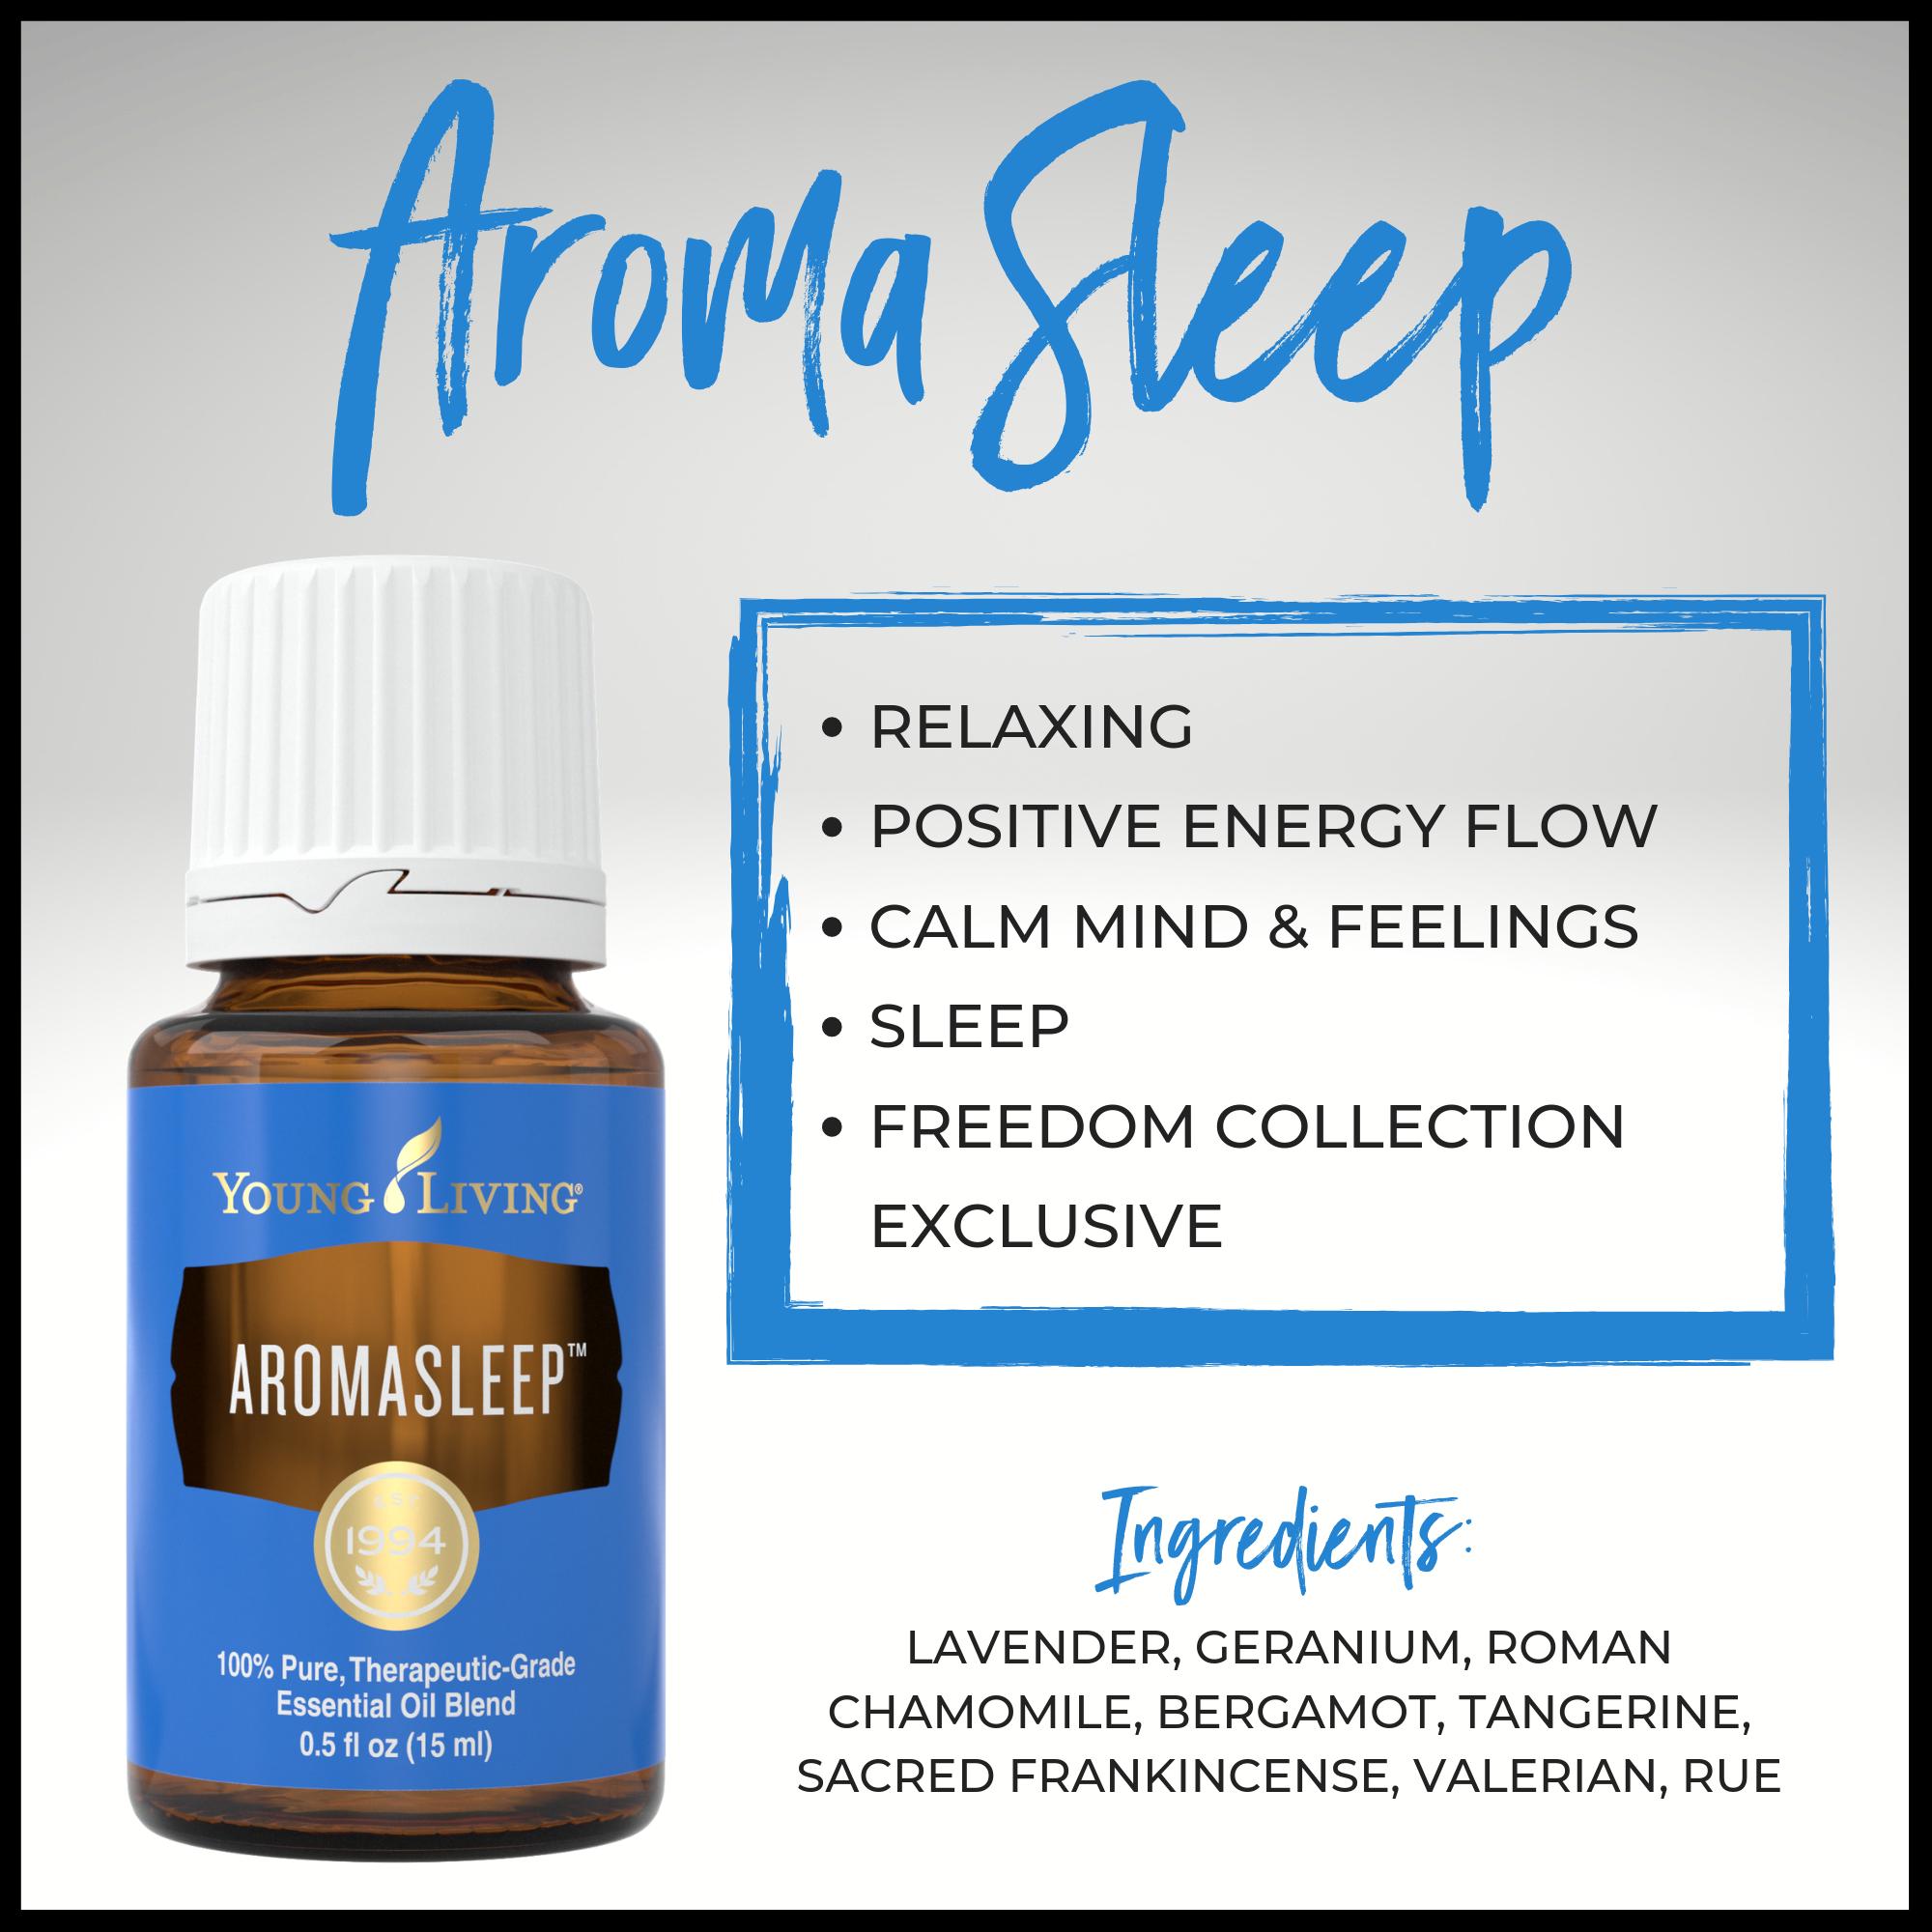 AromaSleep